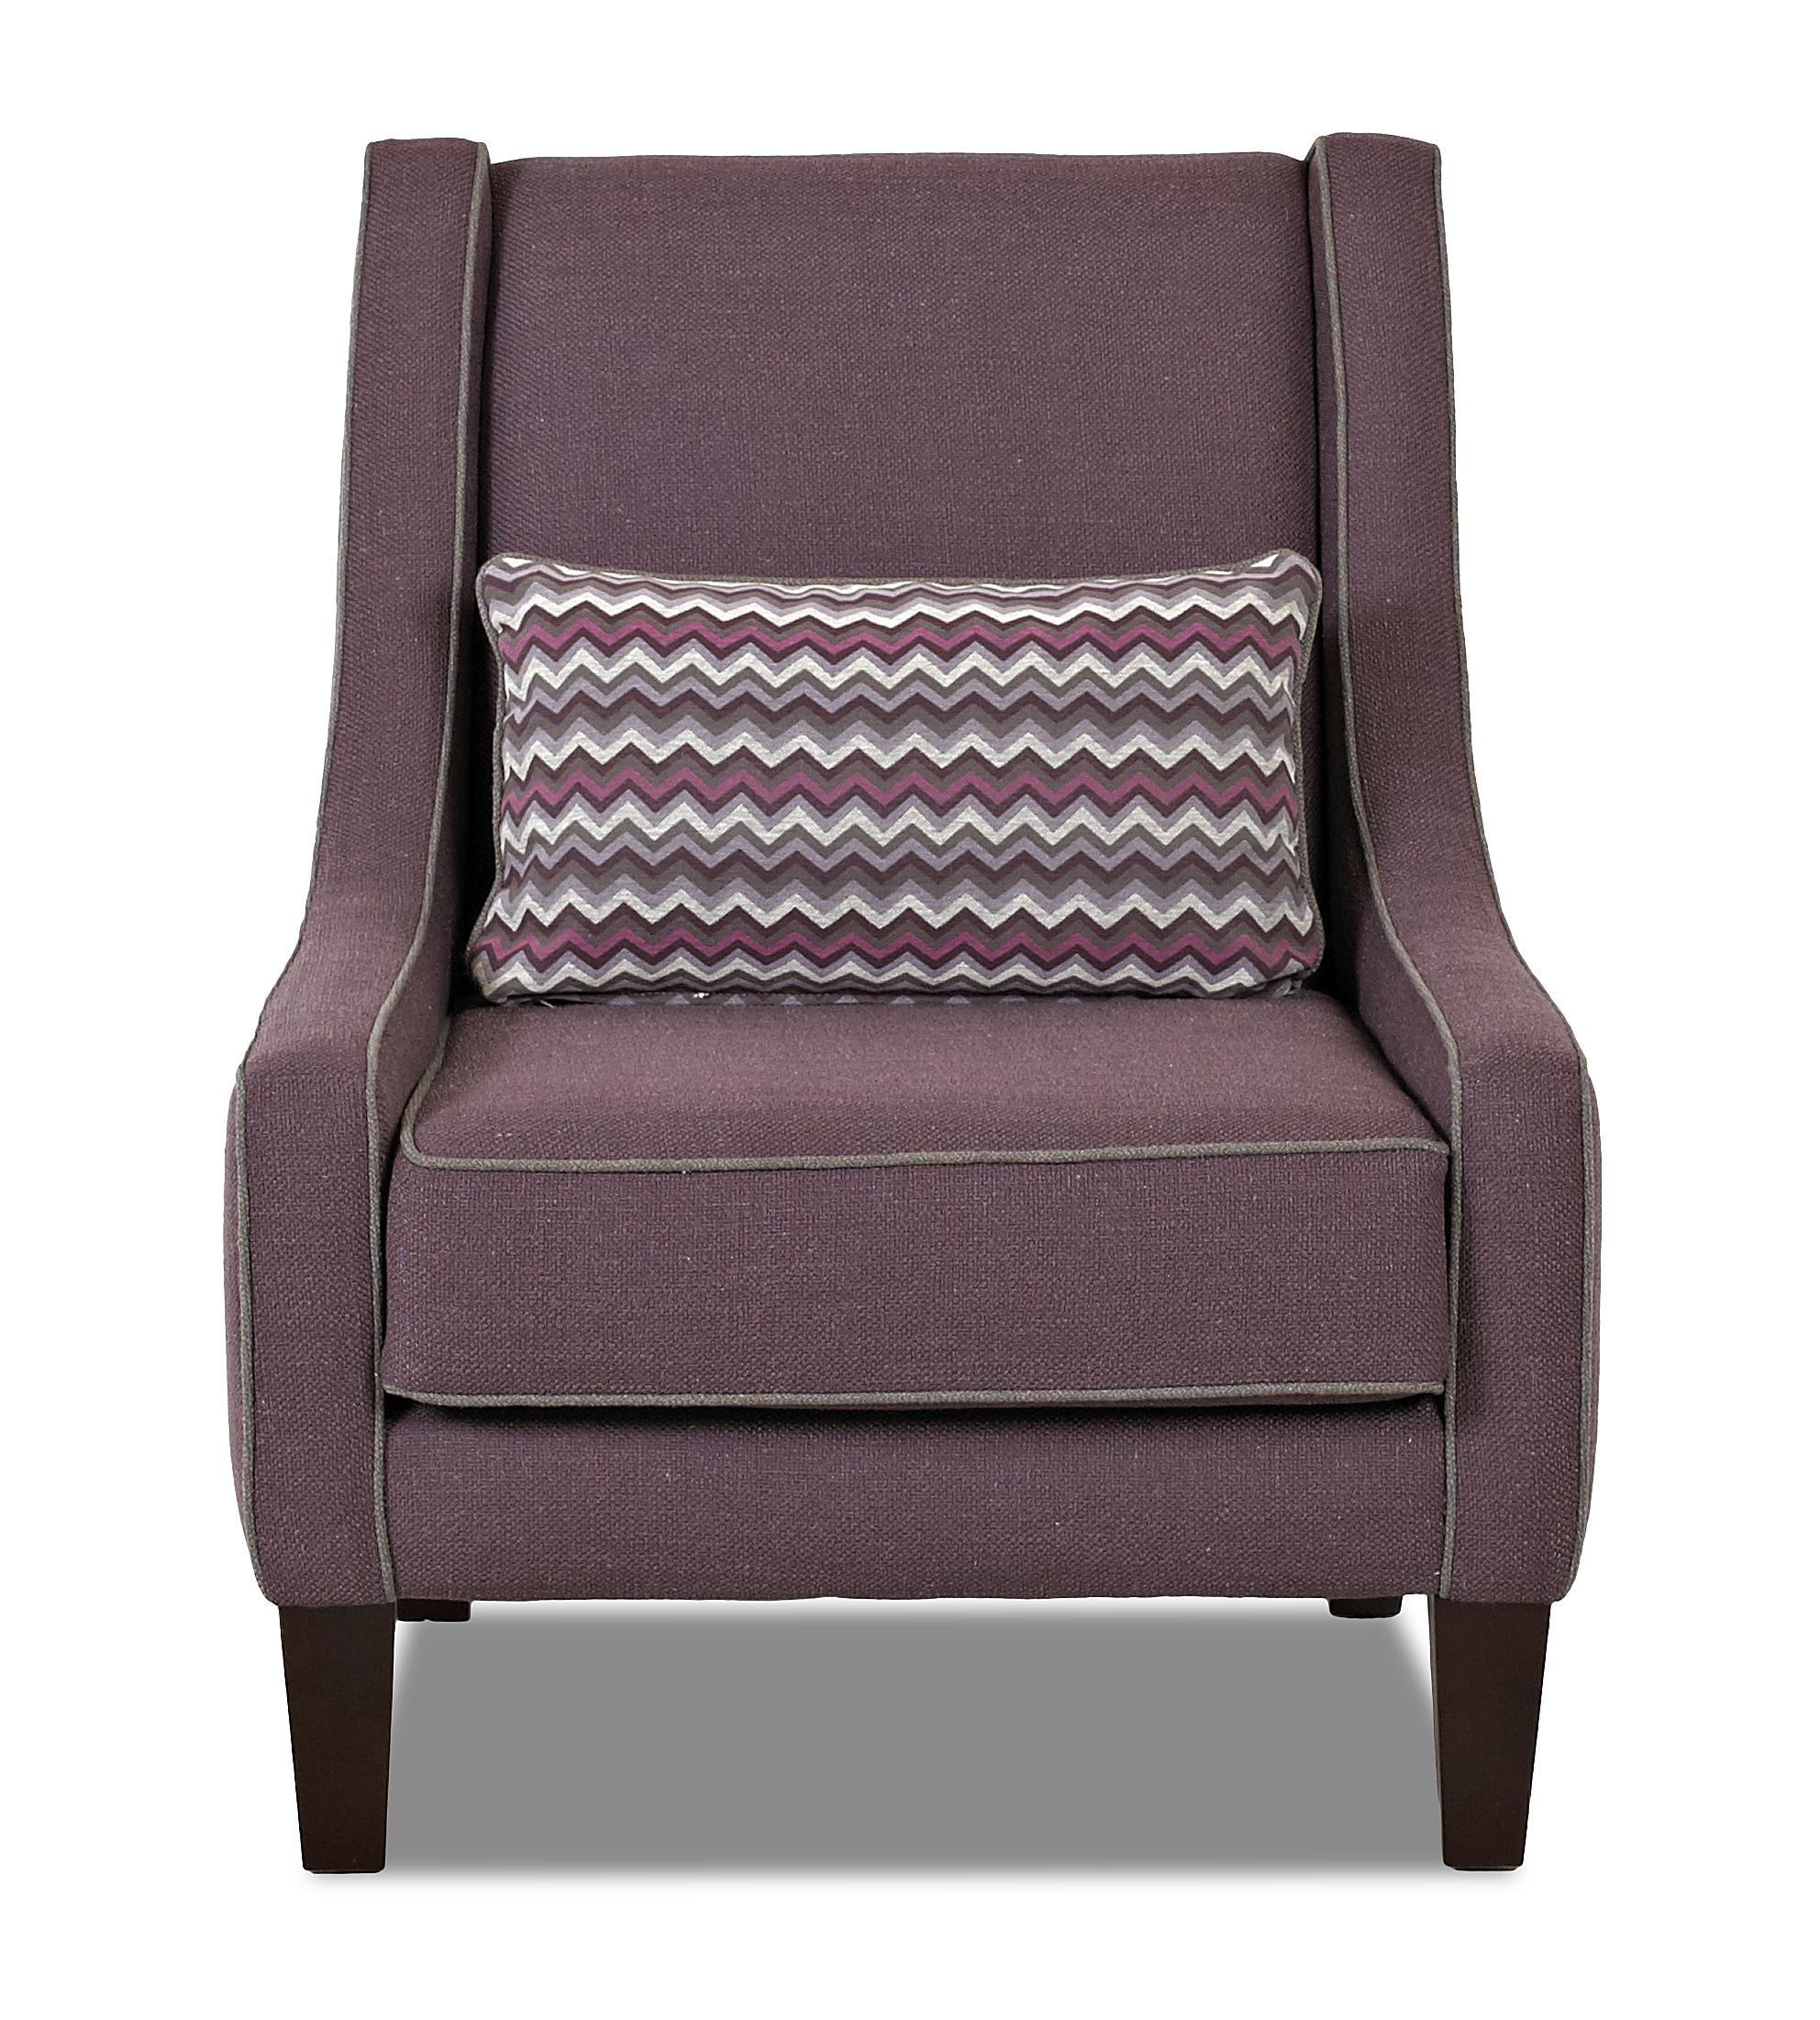 Matrix Accent Chair